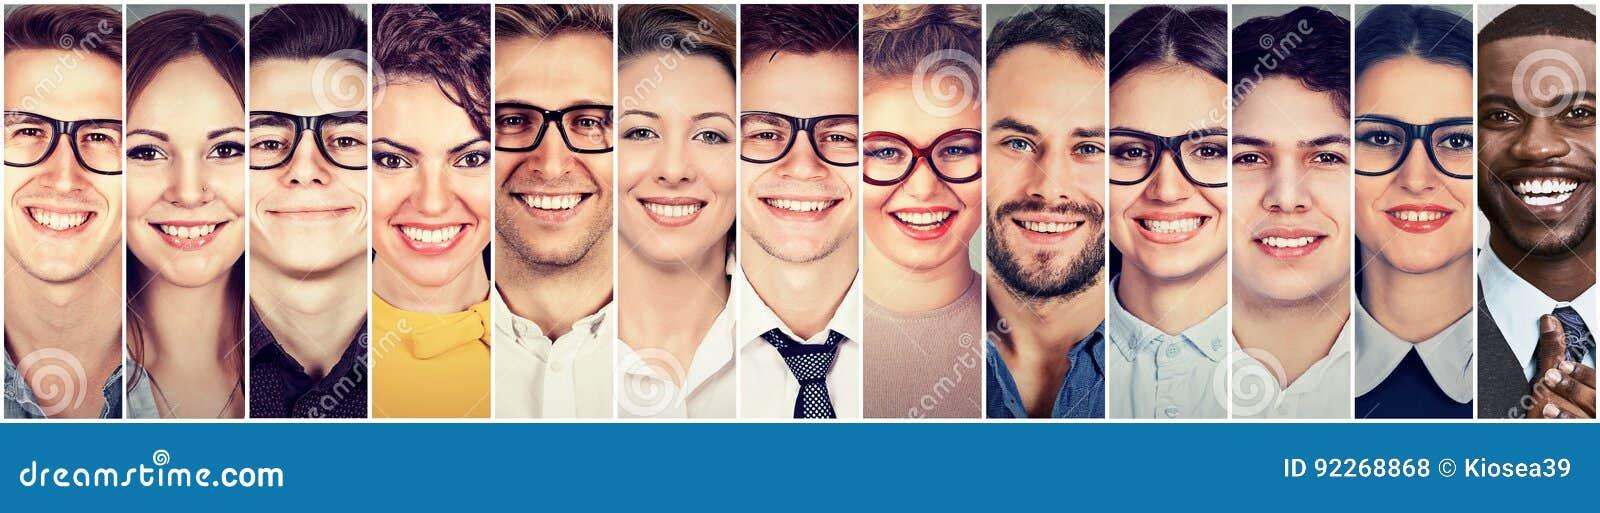 χαμόγελο προσώπων Ευτυχής ομάδα multiethnic ανδρών και γυναικών νέων